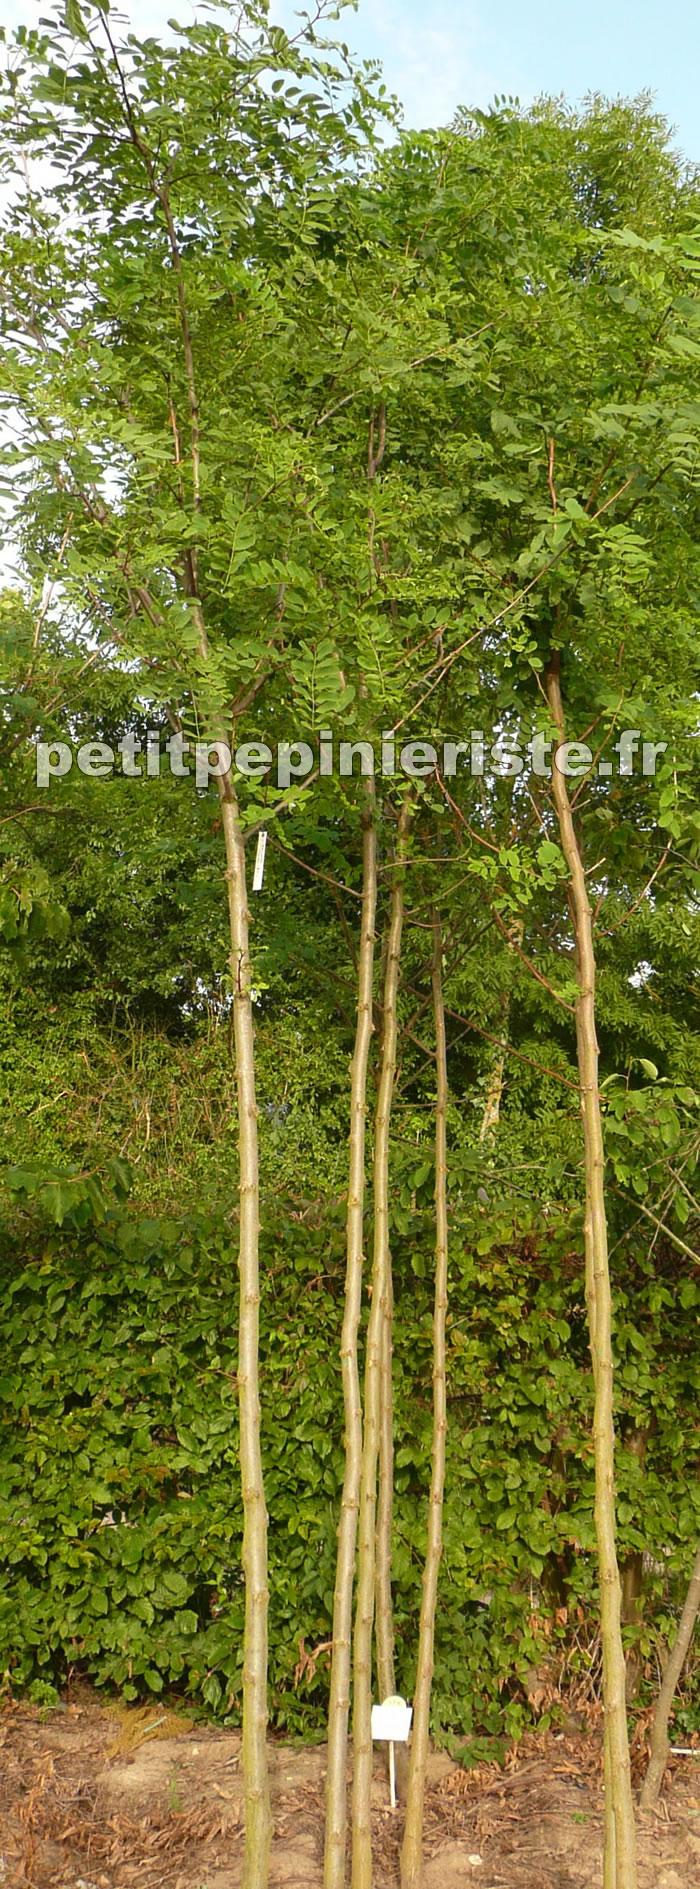 Acacia erioloba pdia